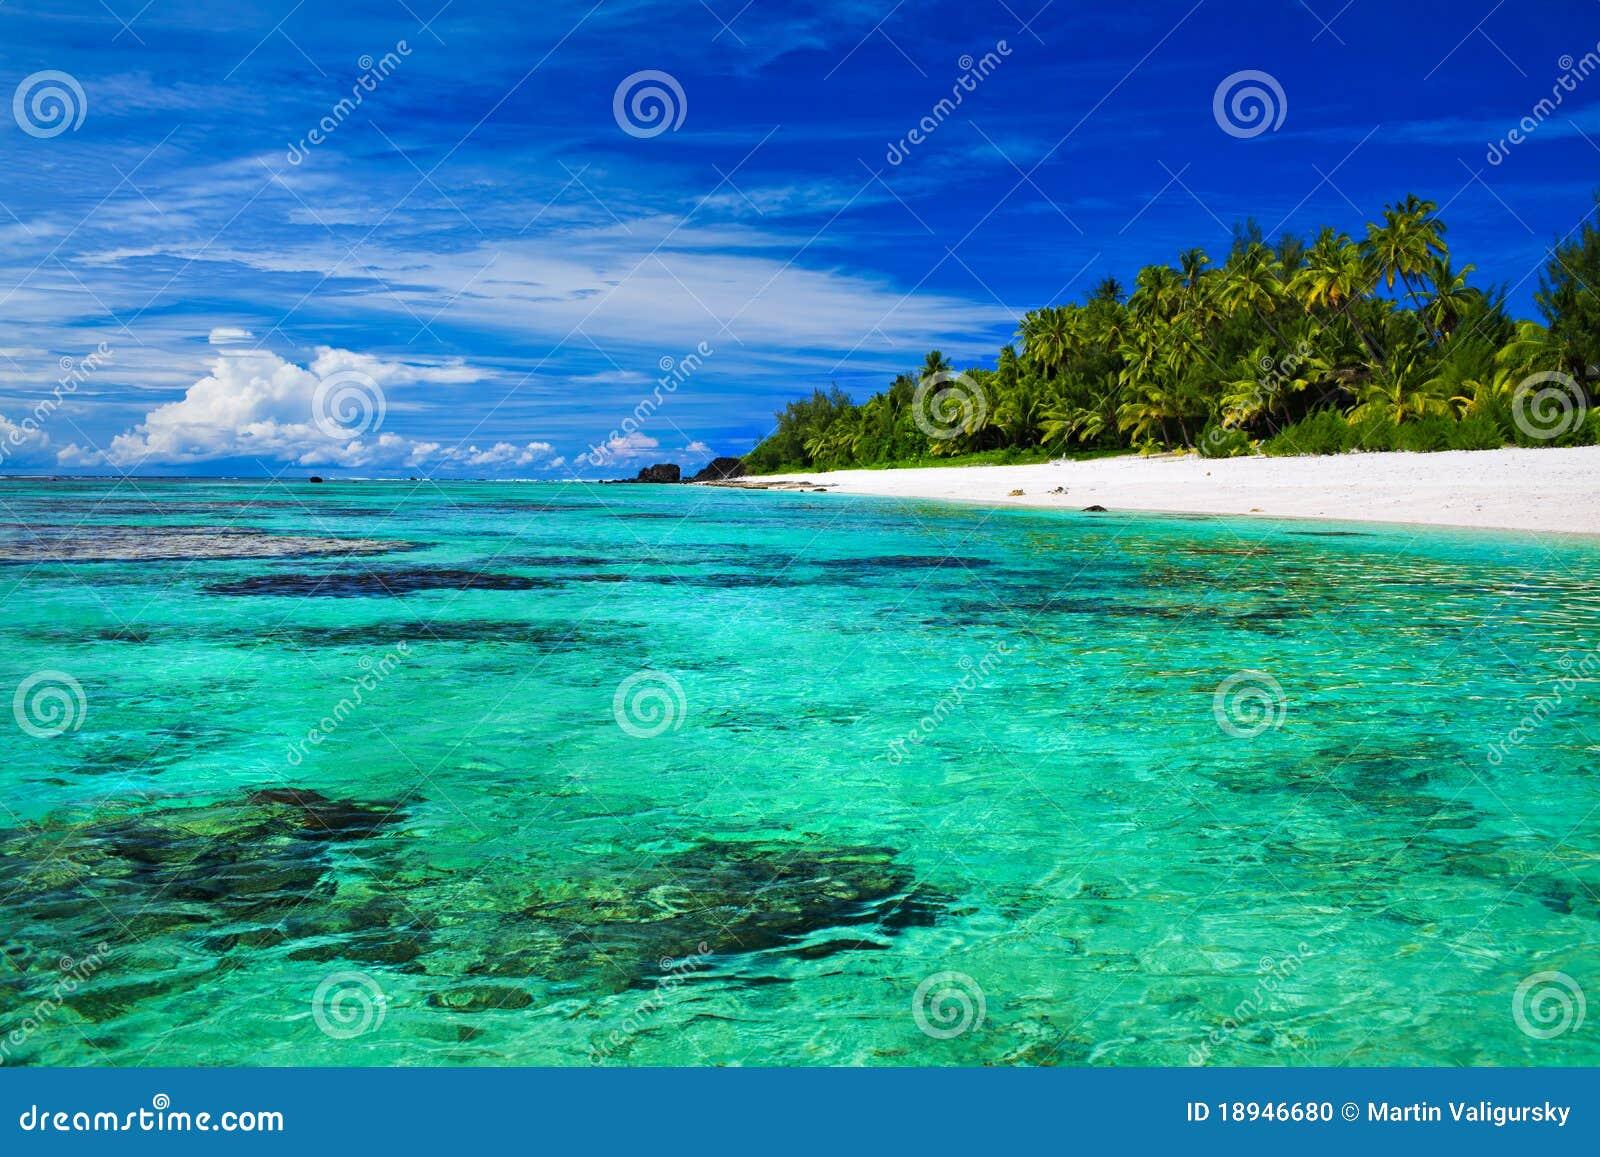 Praia snorkeling ideal com coral e palmeiras